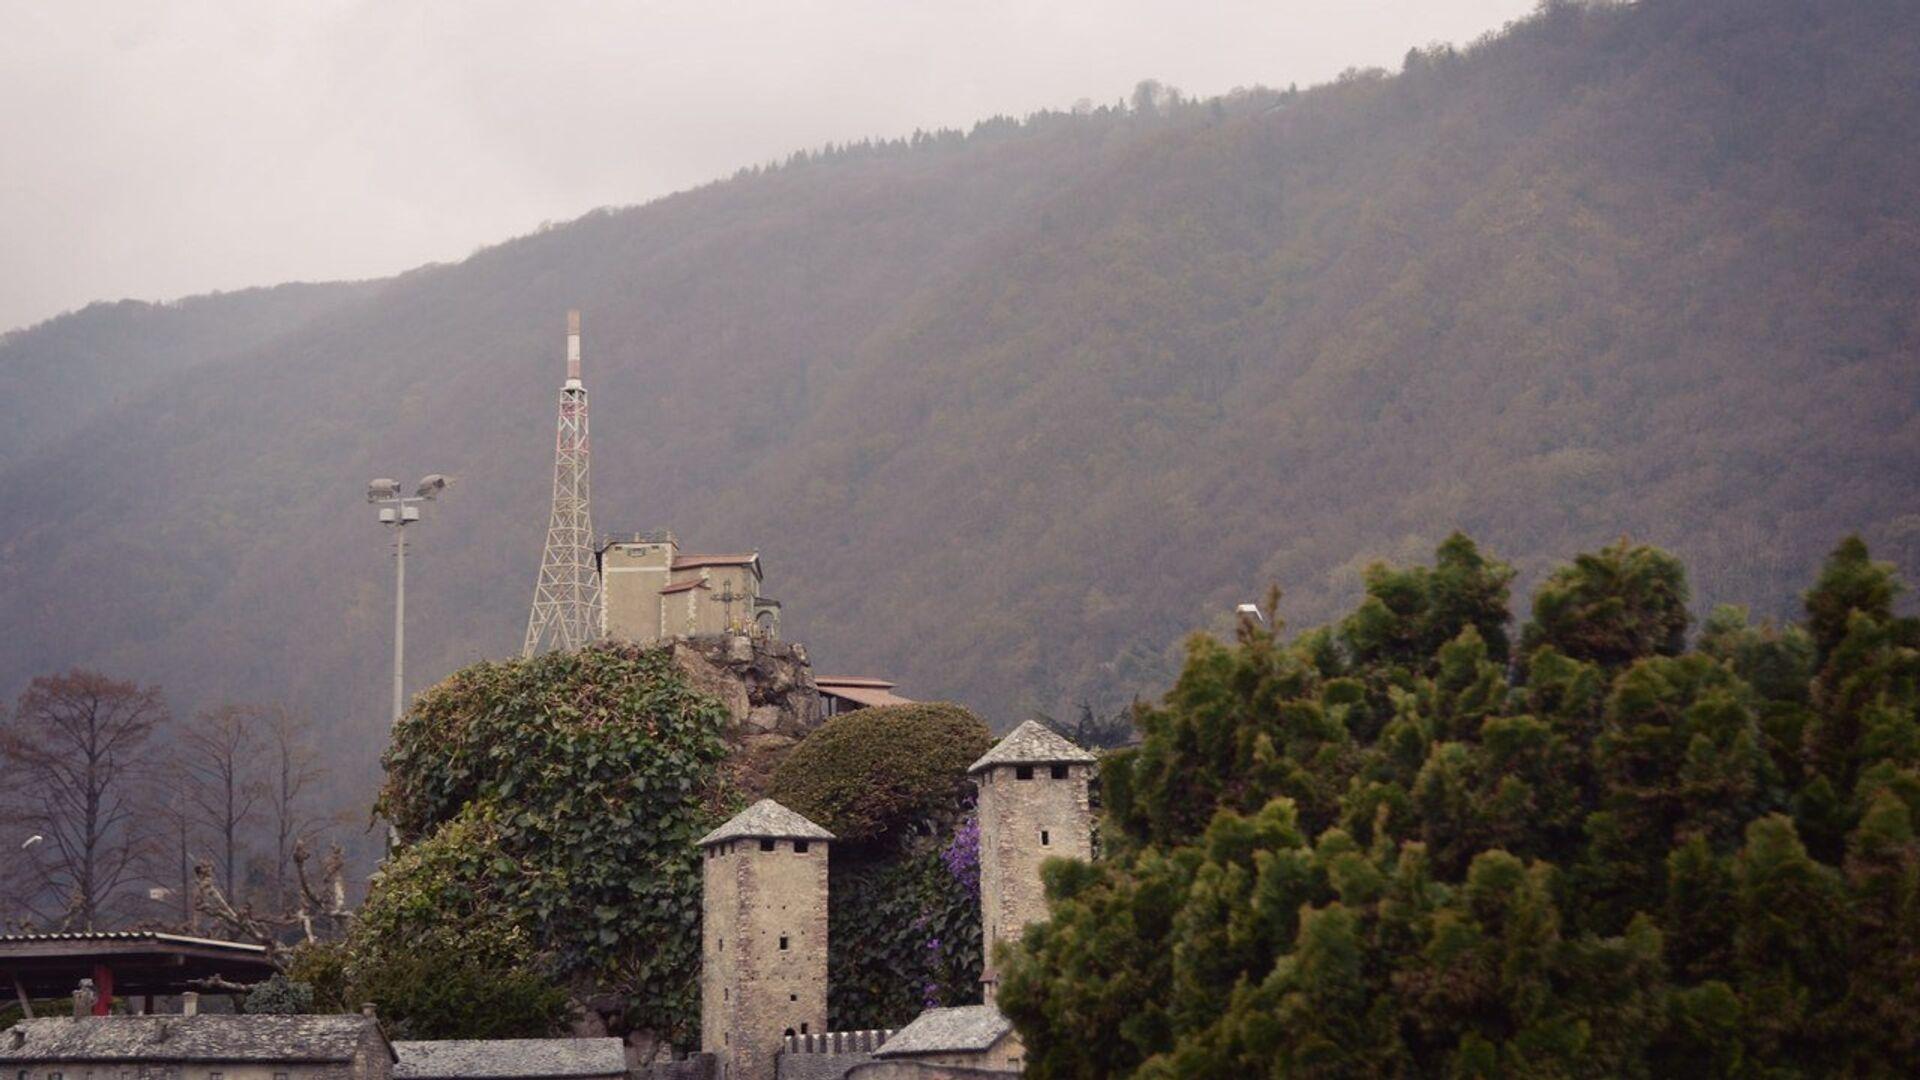 Гора Сан-Сальваторе в Лугано (миниатюра) - РИА Новости, 1920, 25.11.2020